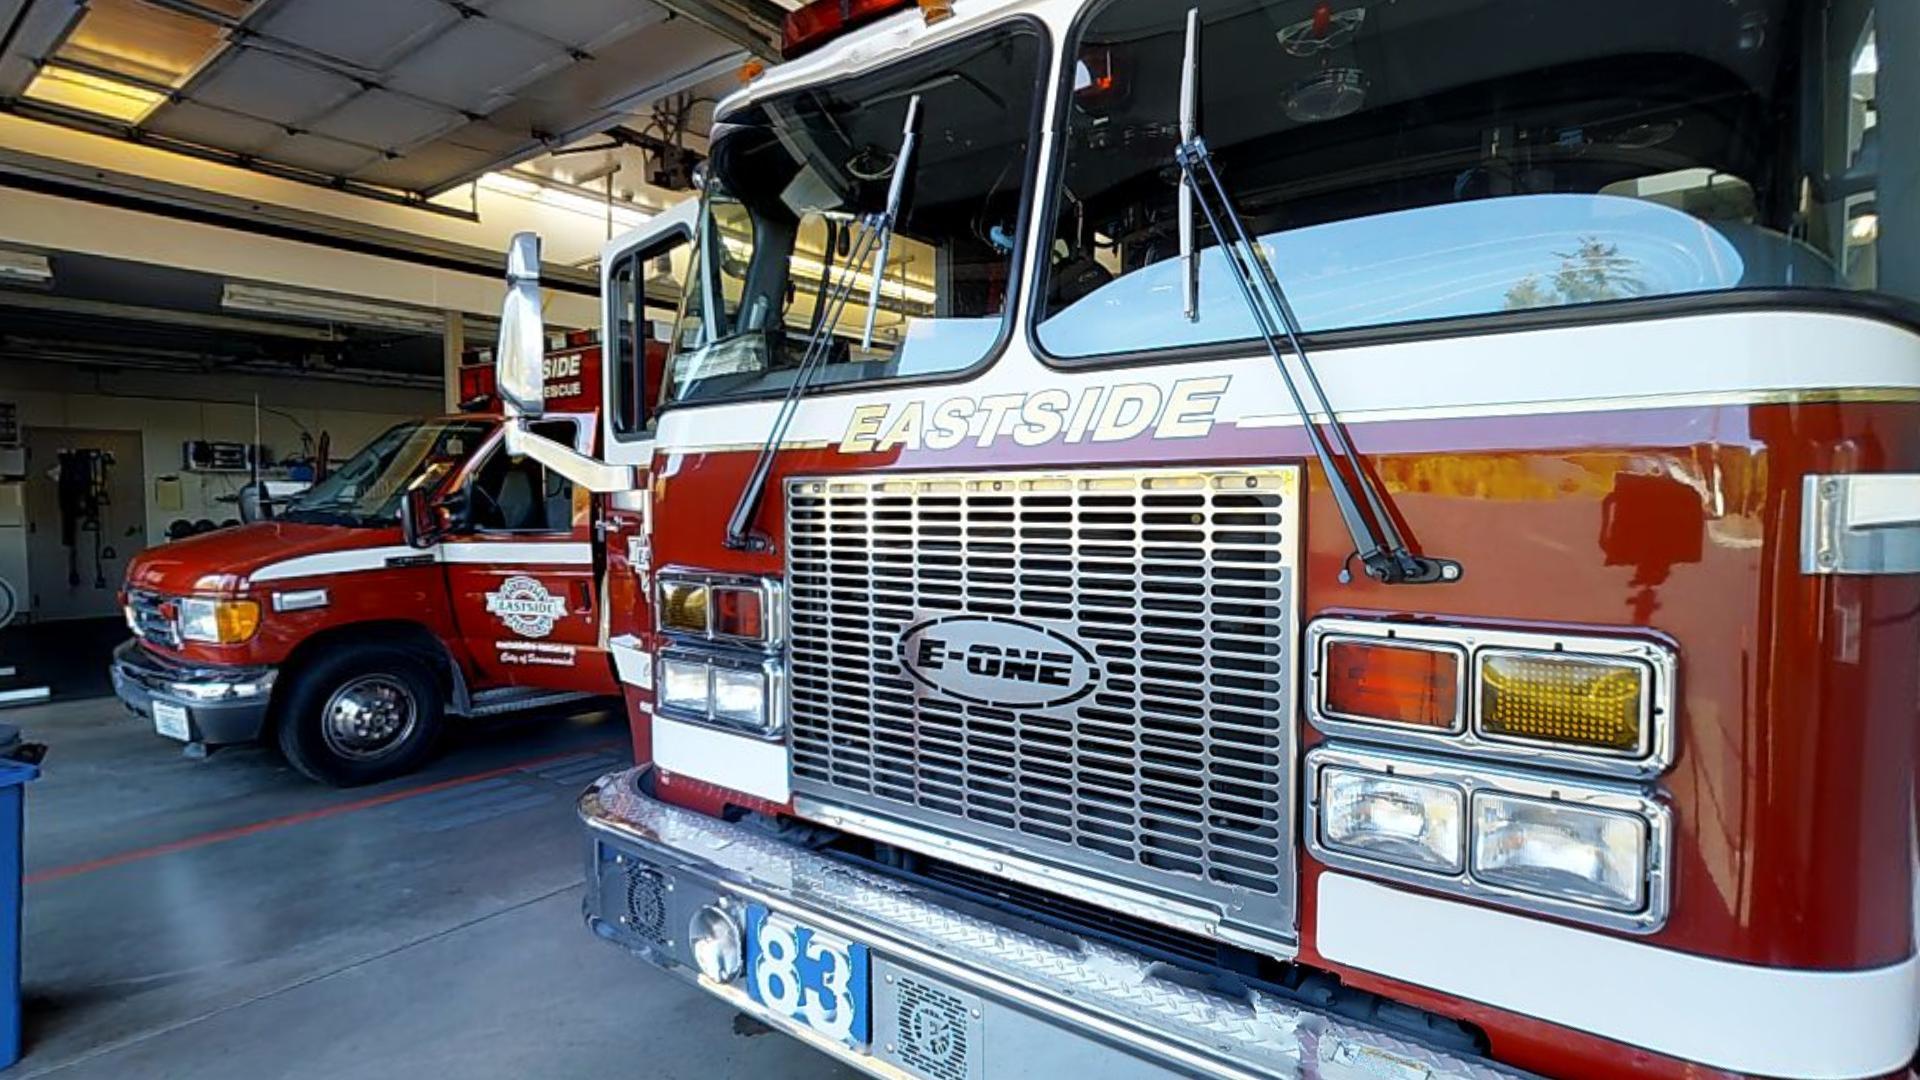 Eastside Fire & Rescue Station 83